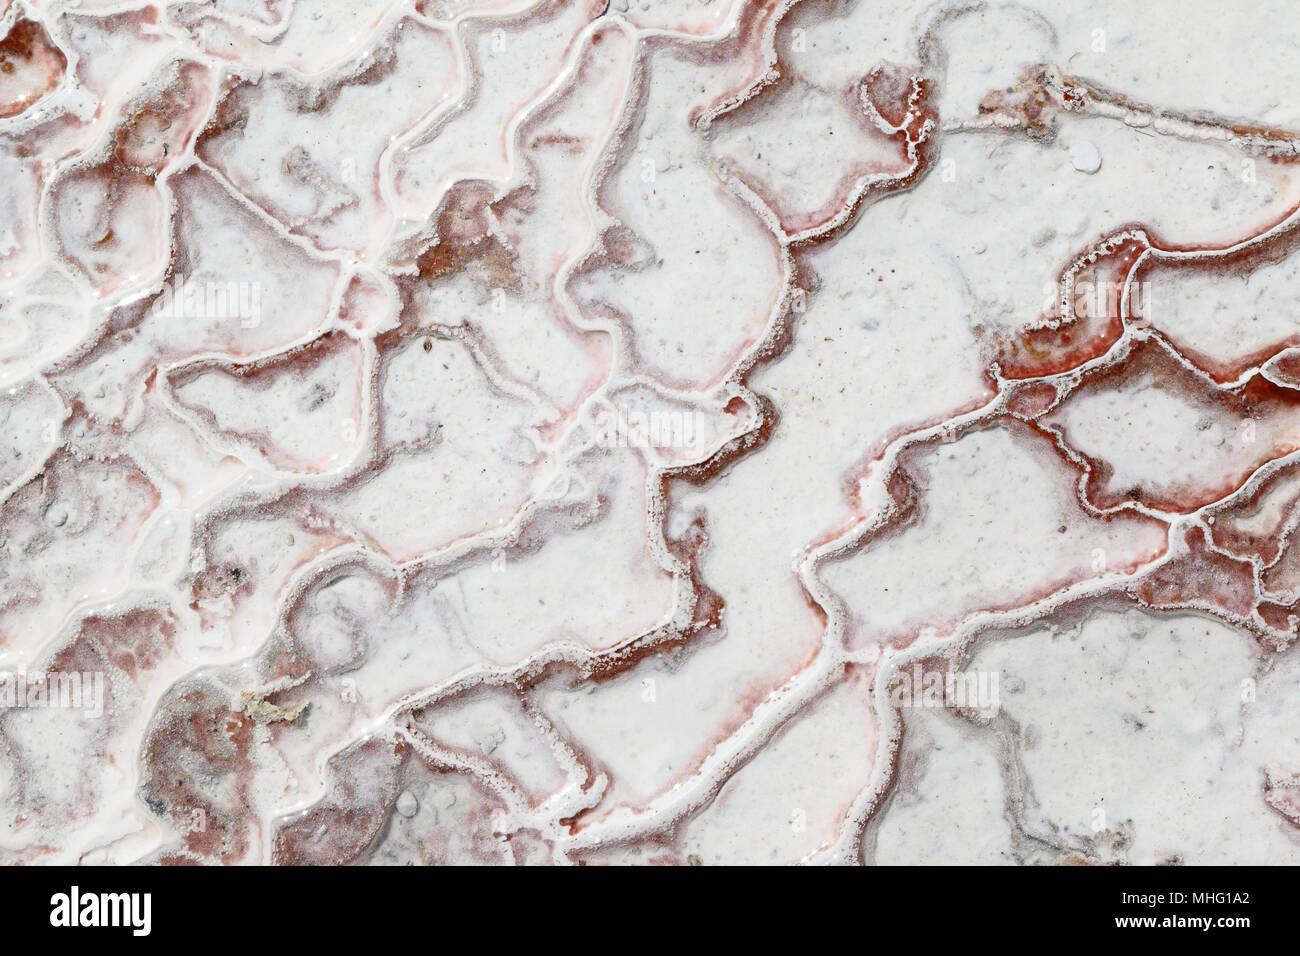 Pamukkale - dépôts de calcium à partir de sources thermales naturelles, Turquie Photo Stock